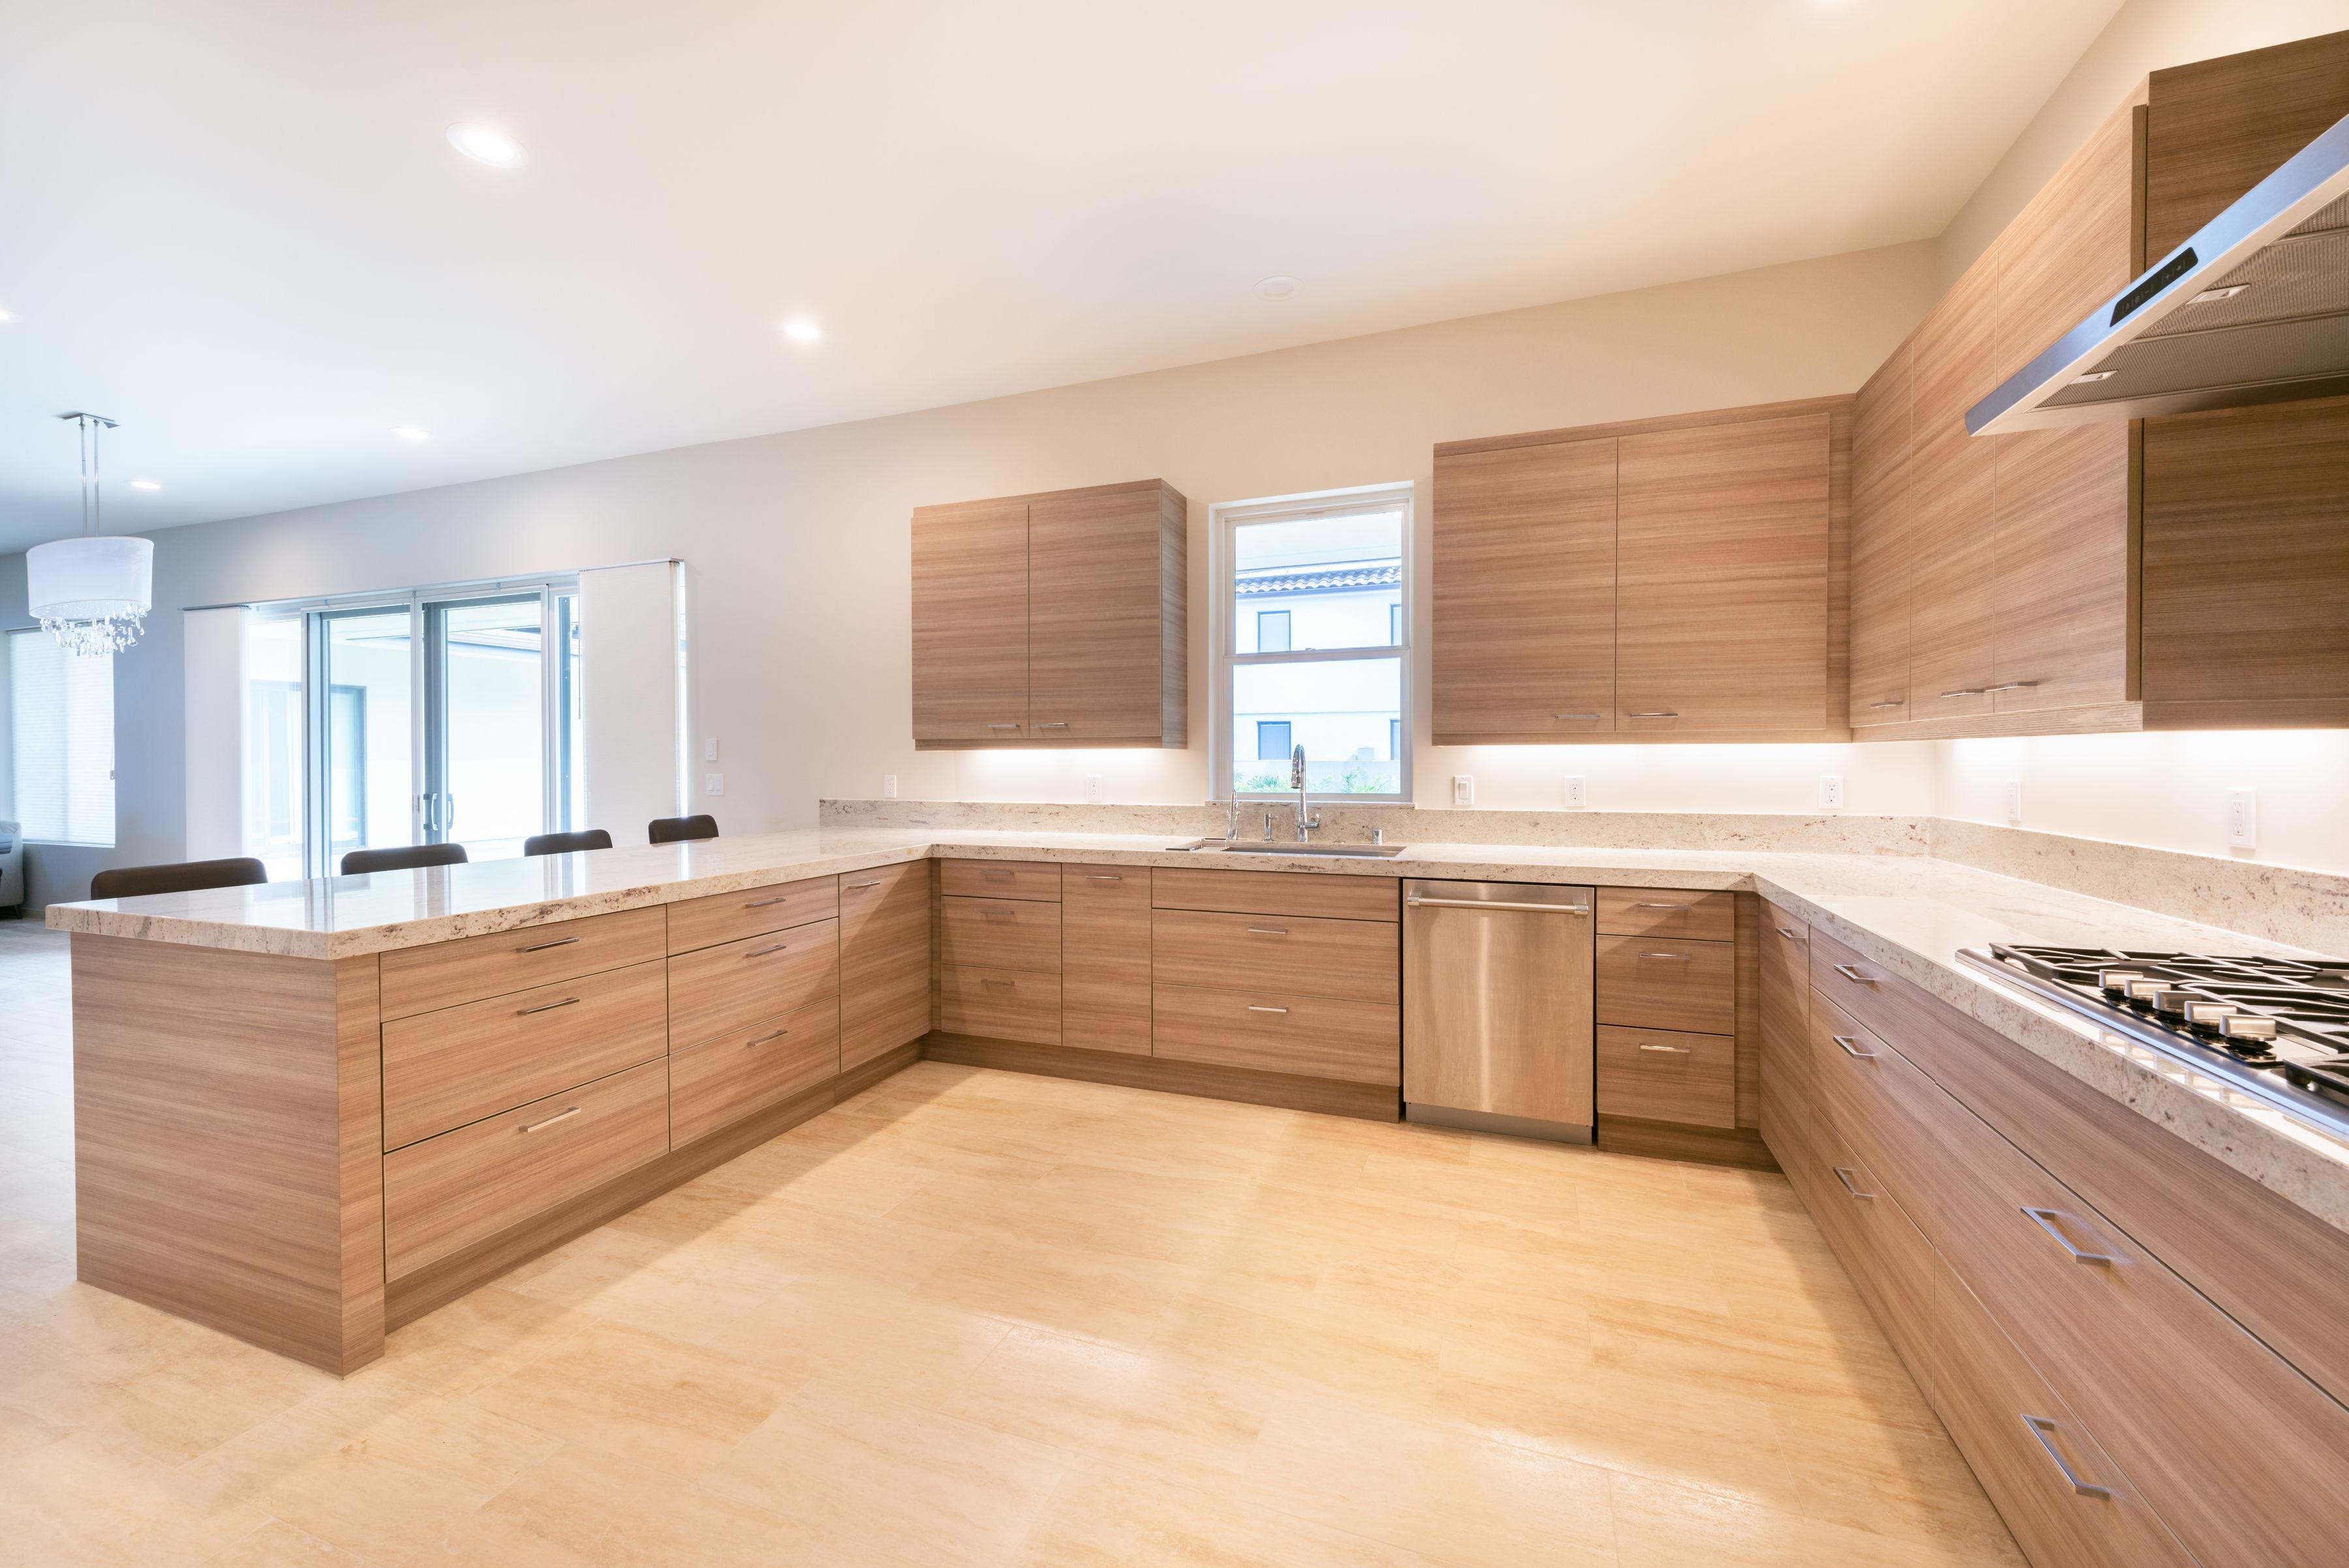 05-modern-kitchen-1